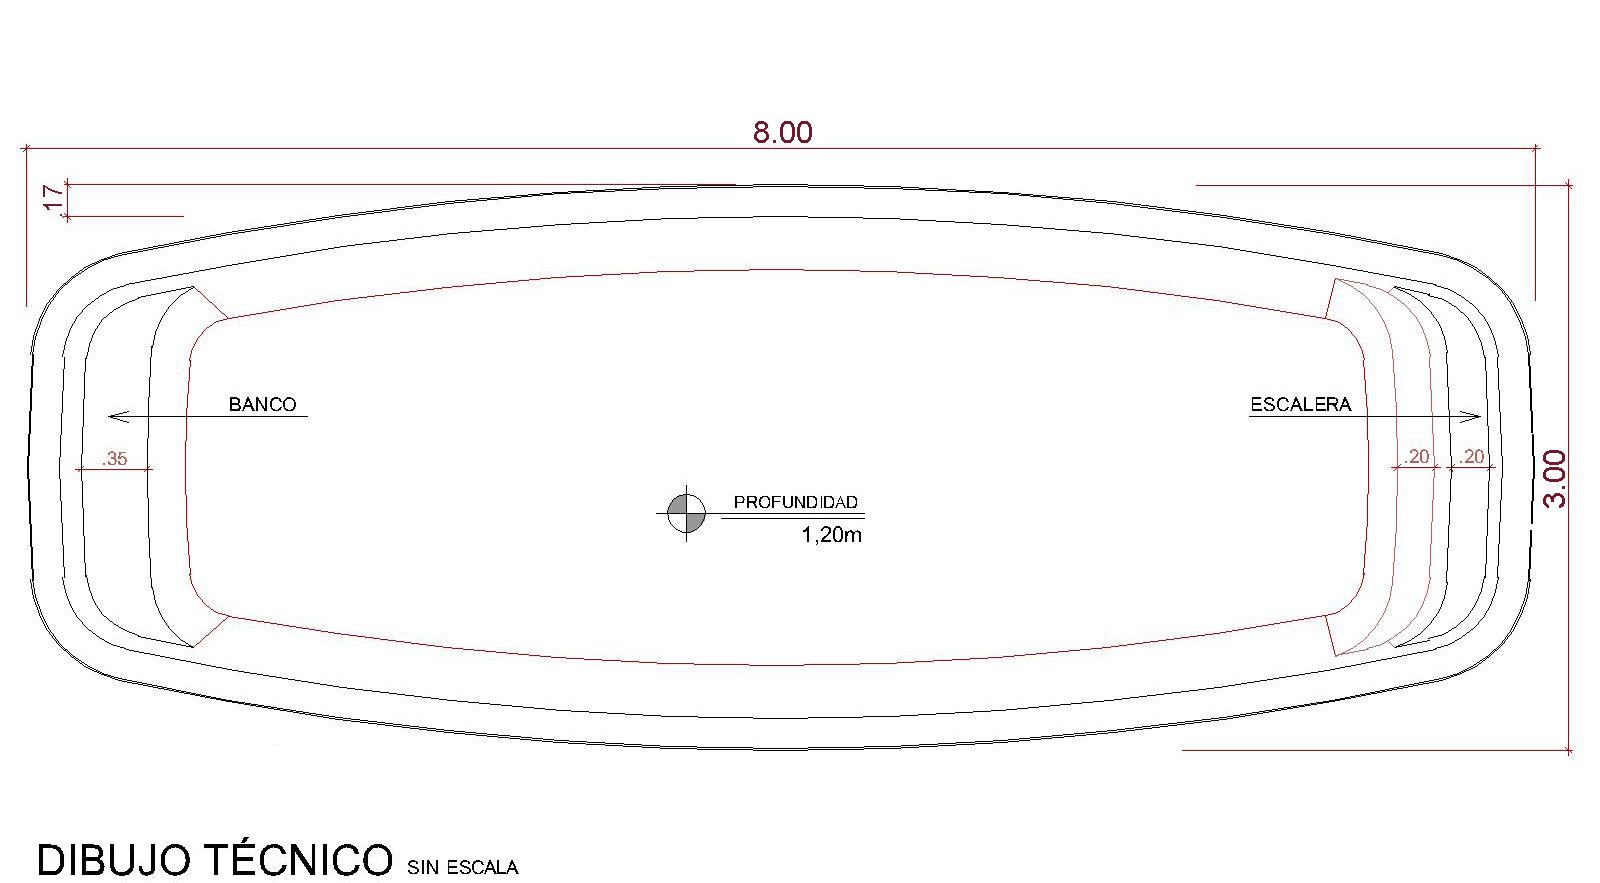 Dibujos técnicos Pupukea (sin escala)